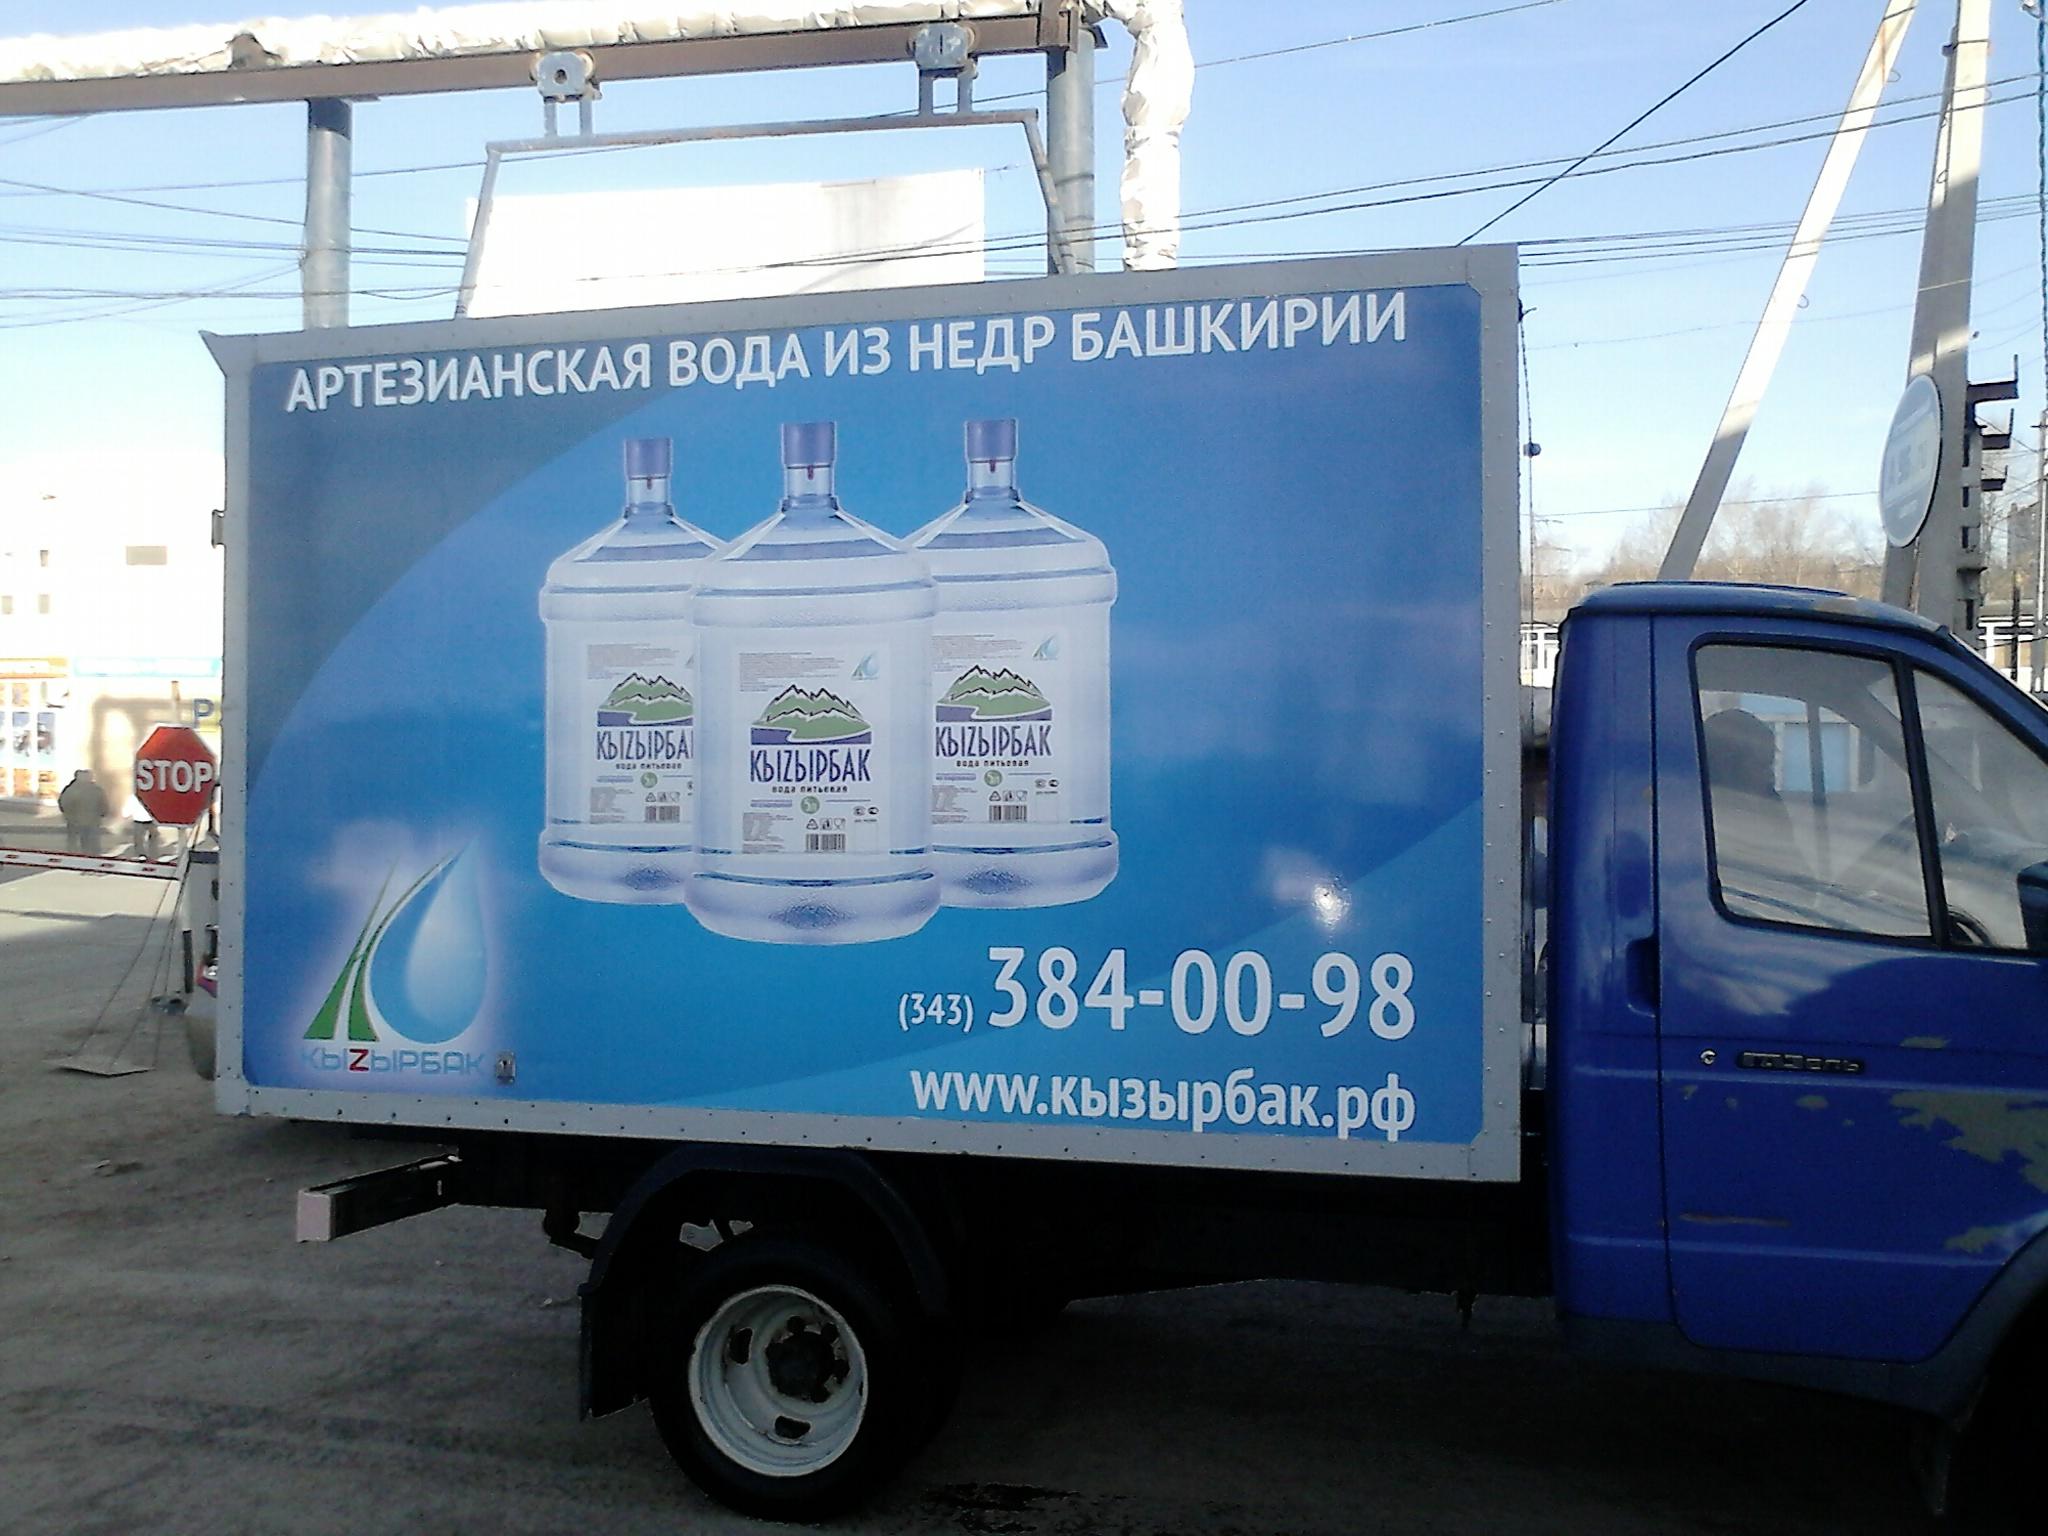 Реклама на грузовом авто для питьевой воды «KЫZЫРБАК».